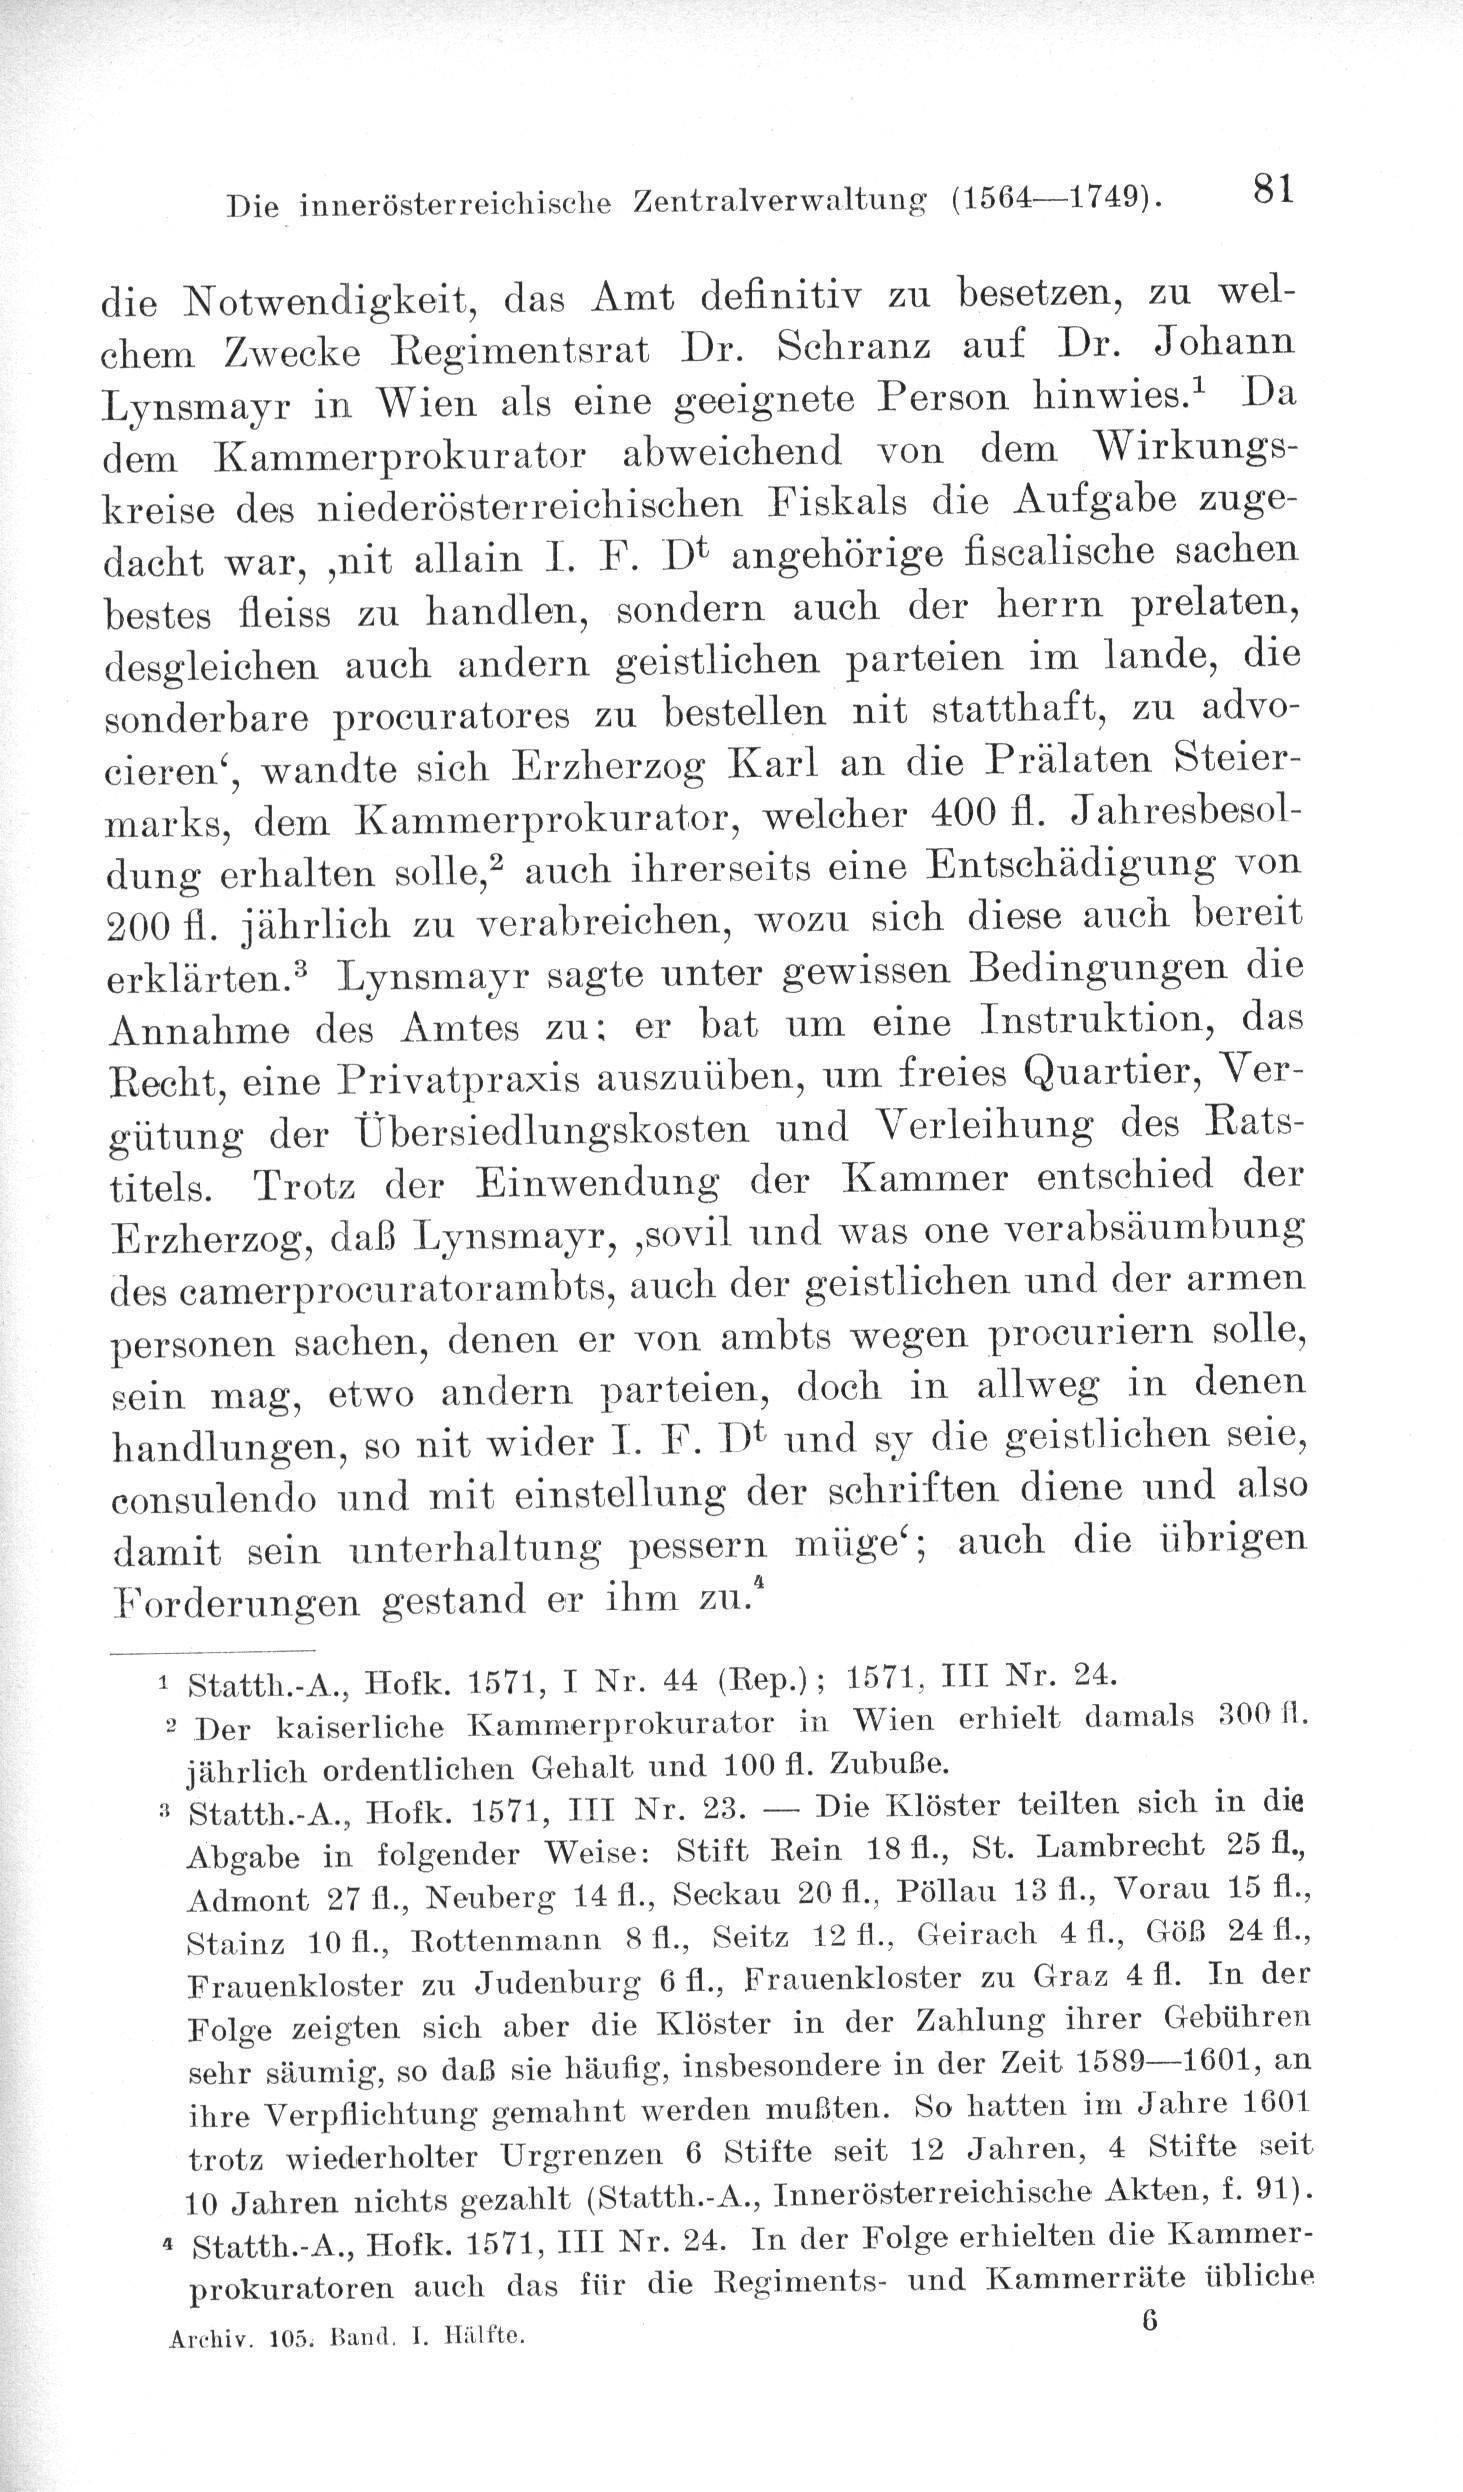 Viktor Thiel, Die innerösterreichische Zentralverwaltung 1564-1749 ...